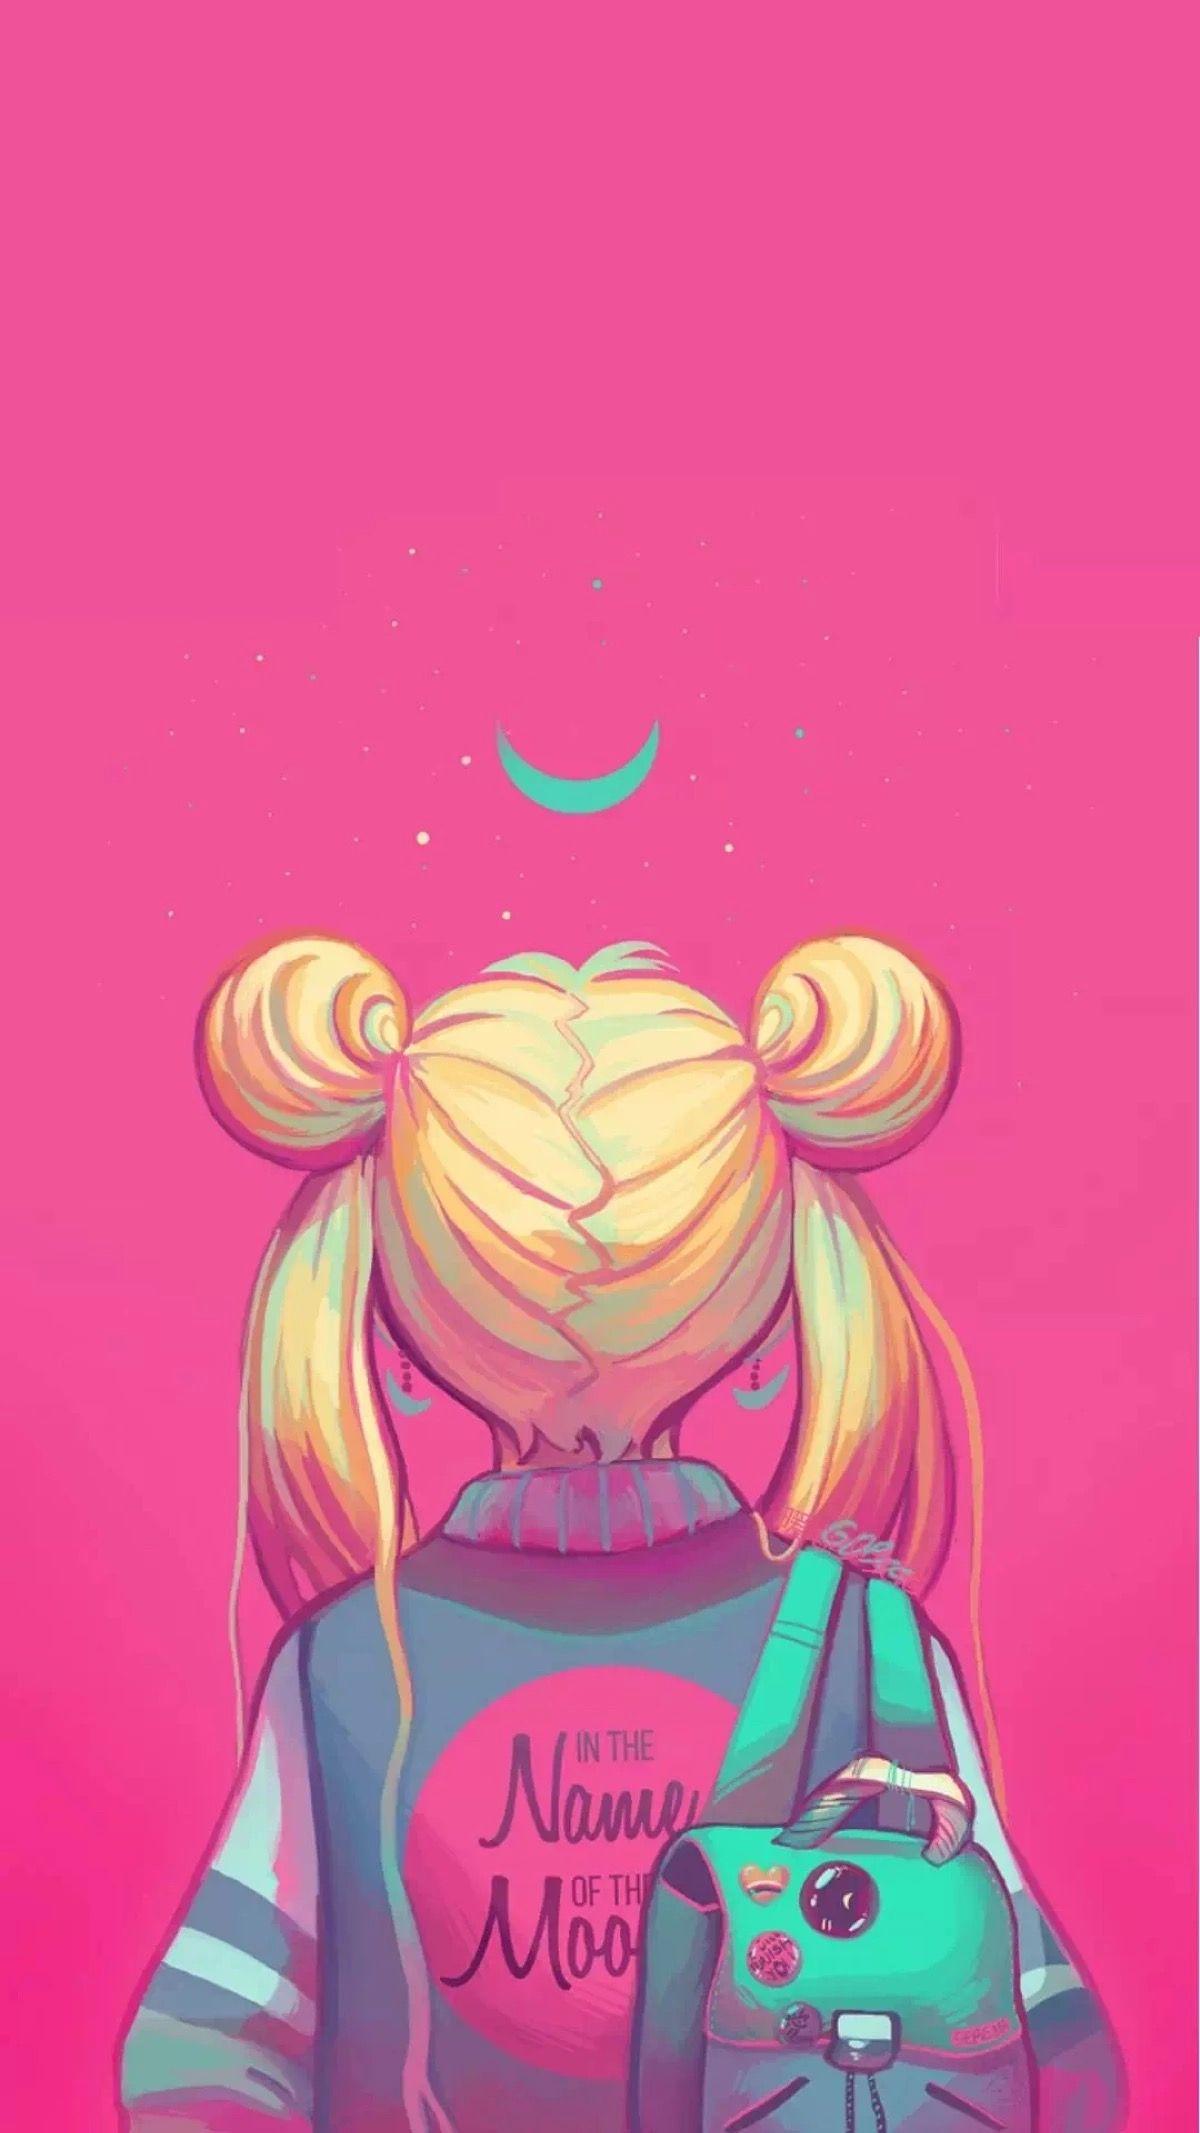 Pin De りほ En Cute Cartoon Fondo De Pantalla De Anime Fondo De Pantalla Animado Ideas De Fondos De Pantalla